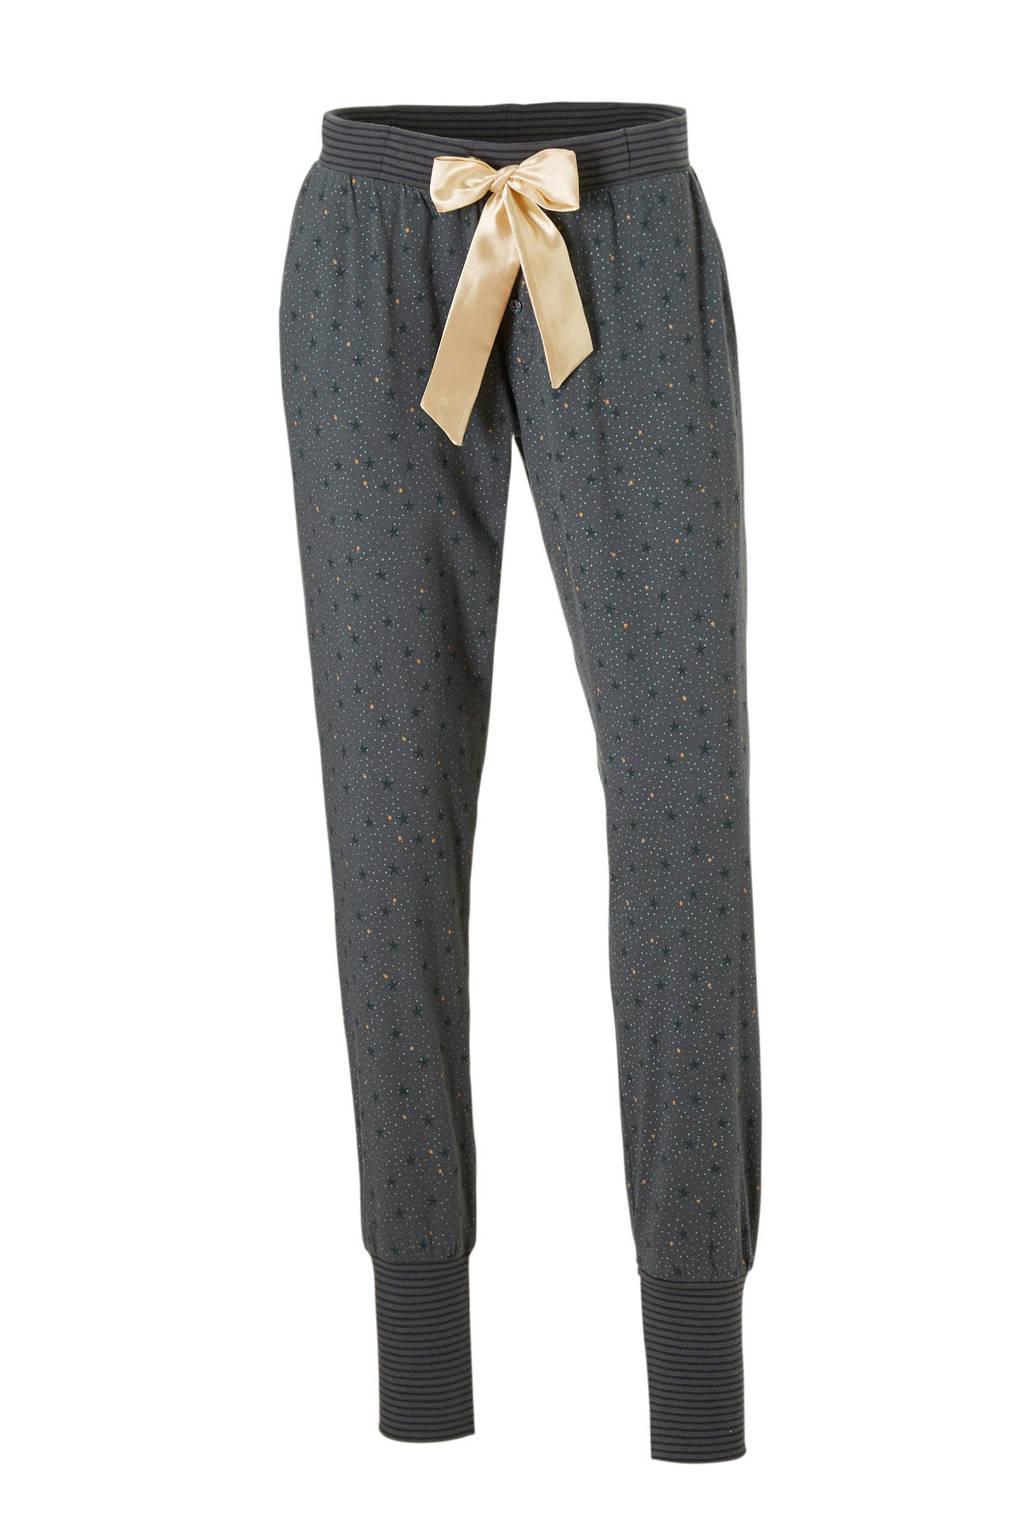 Charlie Choe pyjamabroek met all over print grijs, Grijsblauw